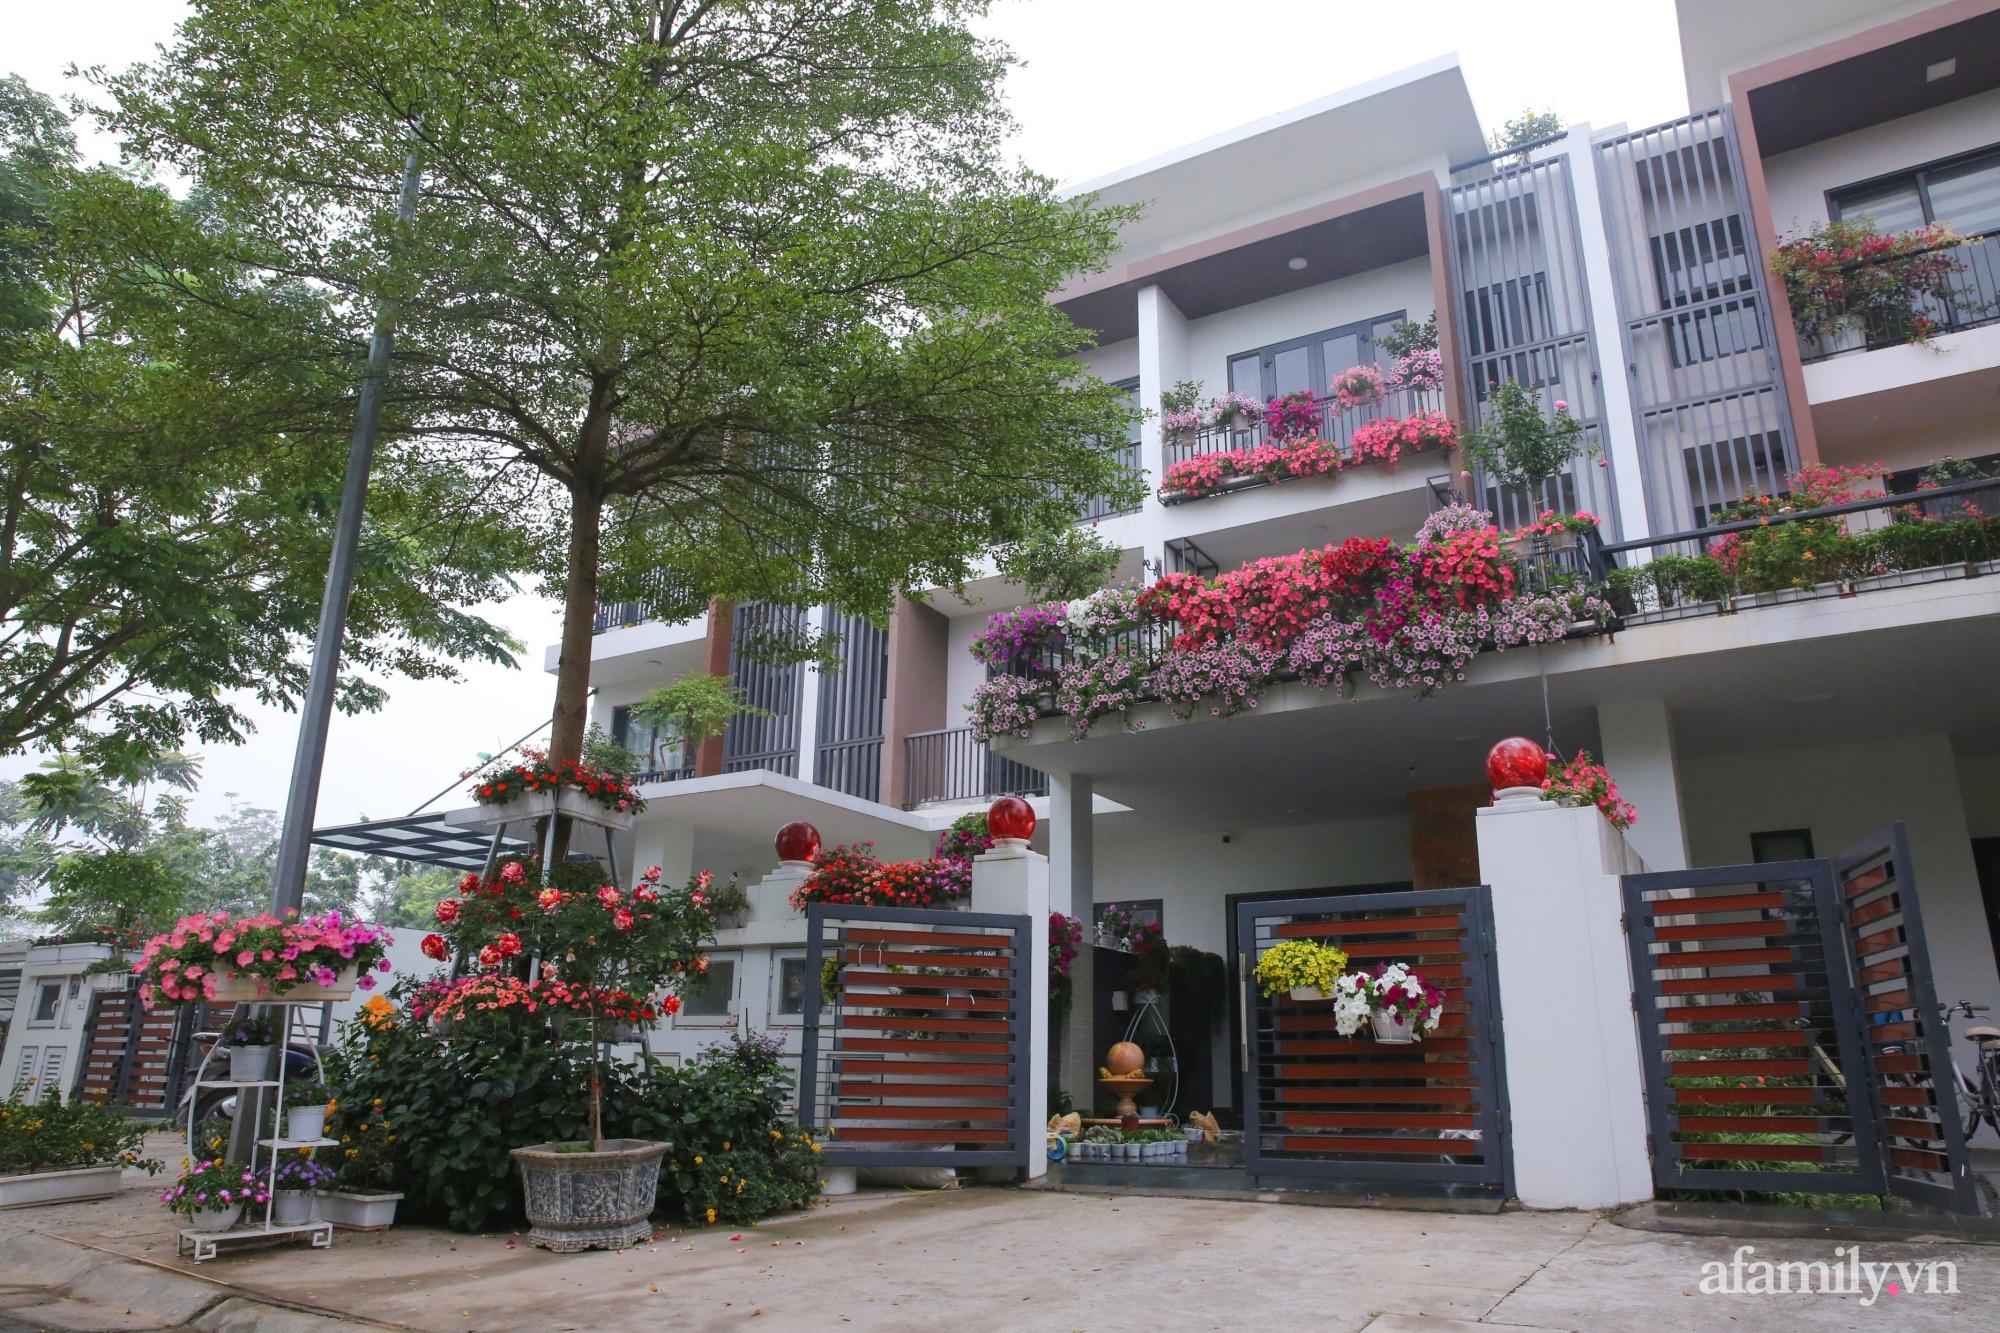 Kinh nghiệm trồng dạ yến thảo nở rực rỡ đủ sắc màu phủ kín mặt tiền nhà phố Hà Nội - Ảnh 1.